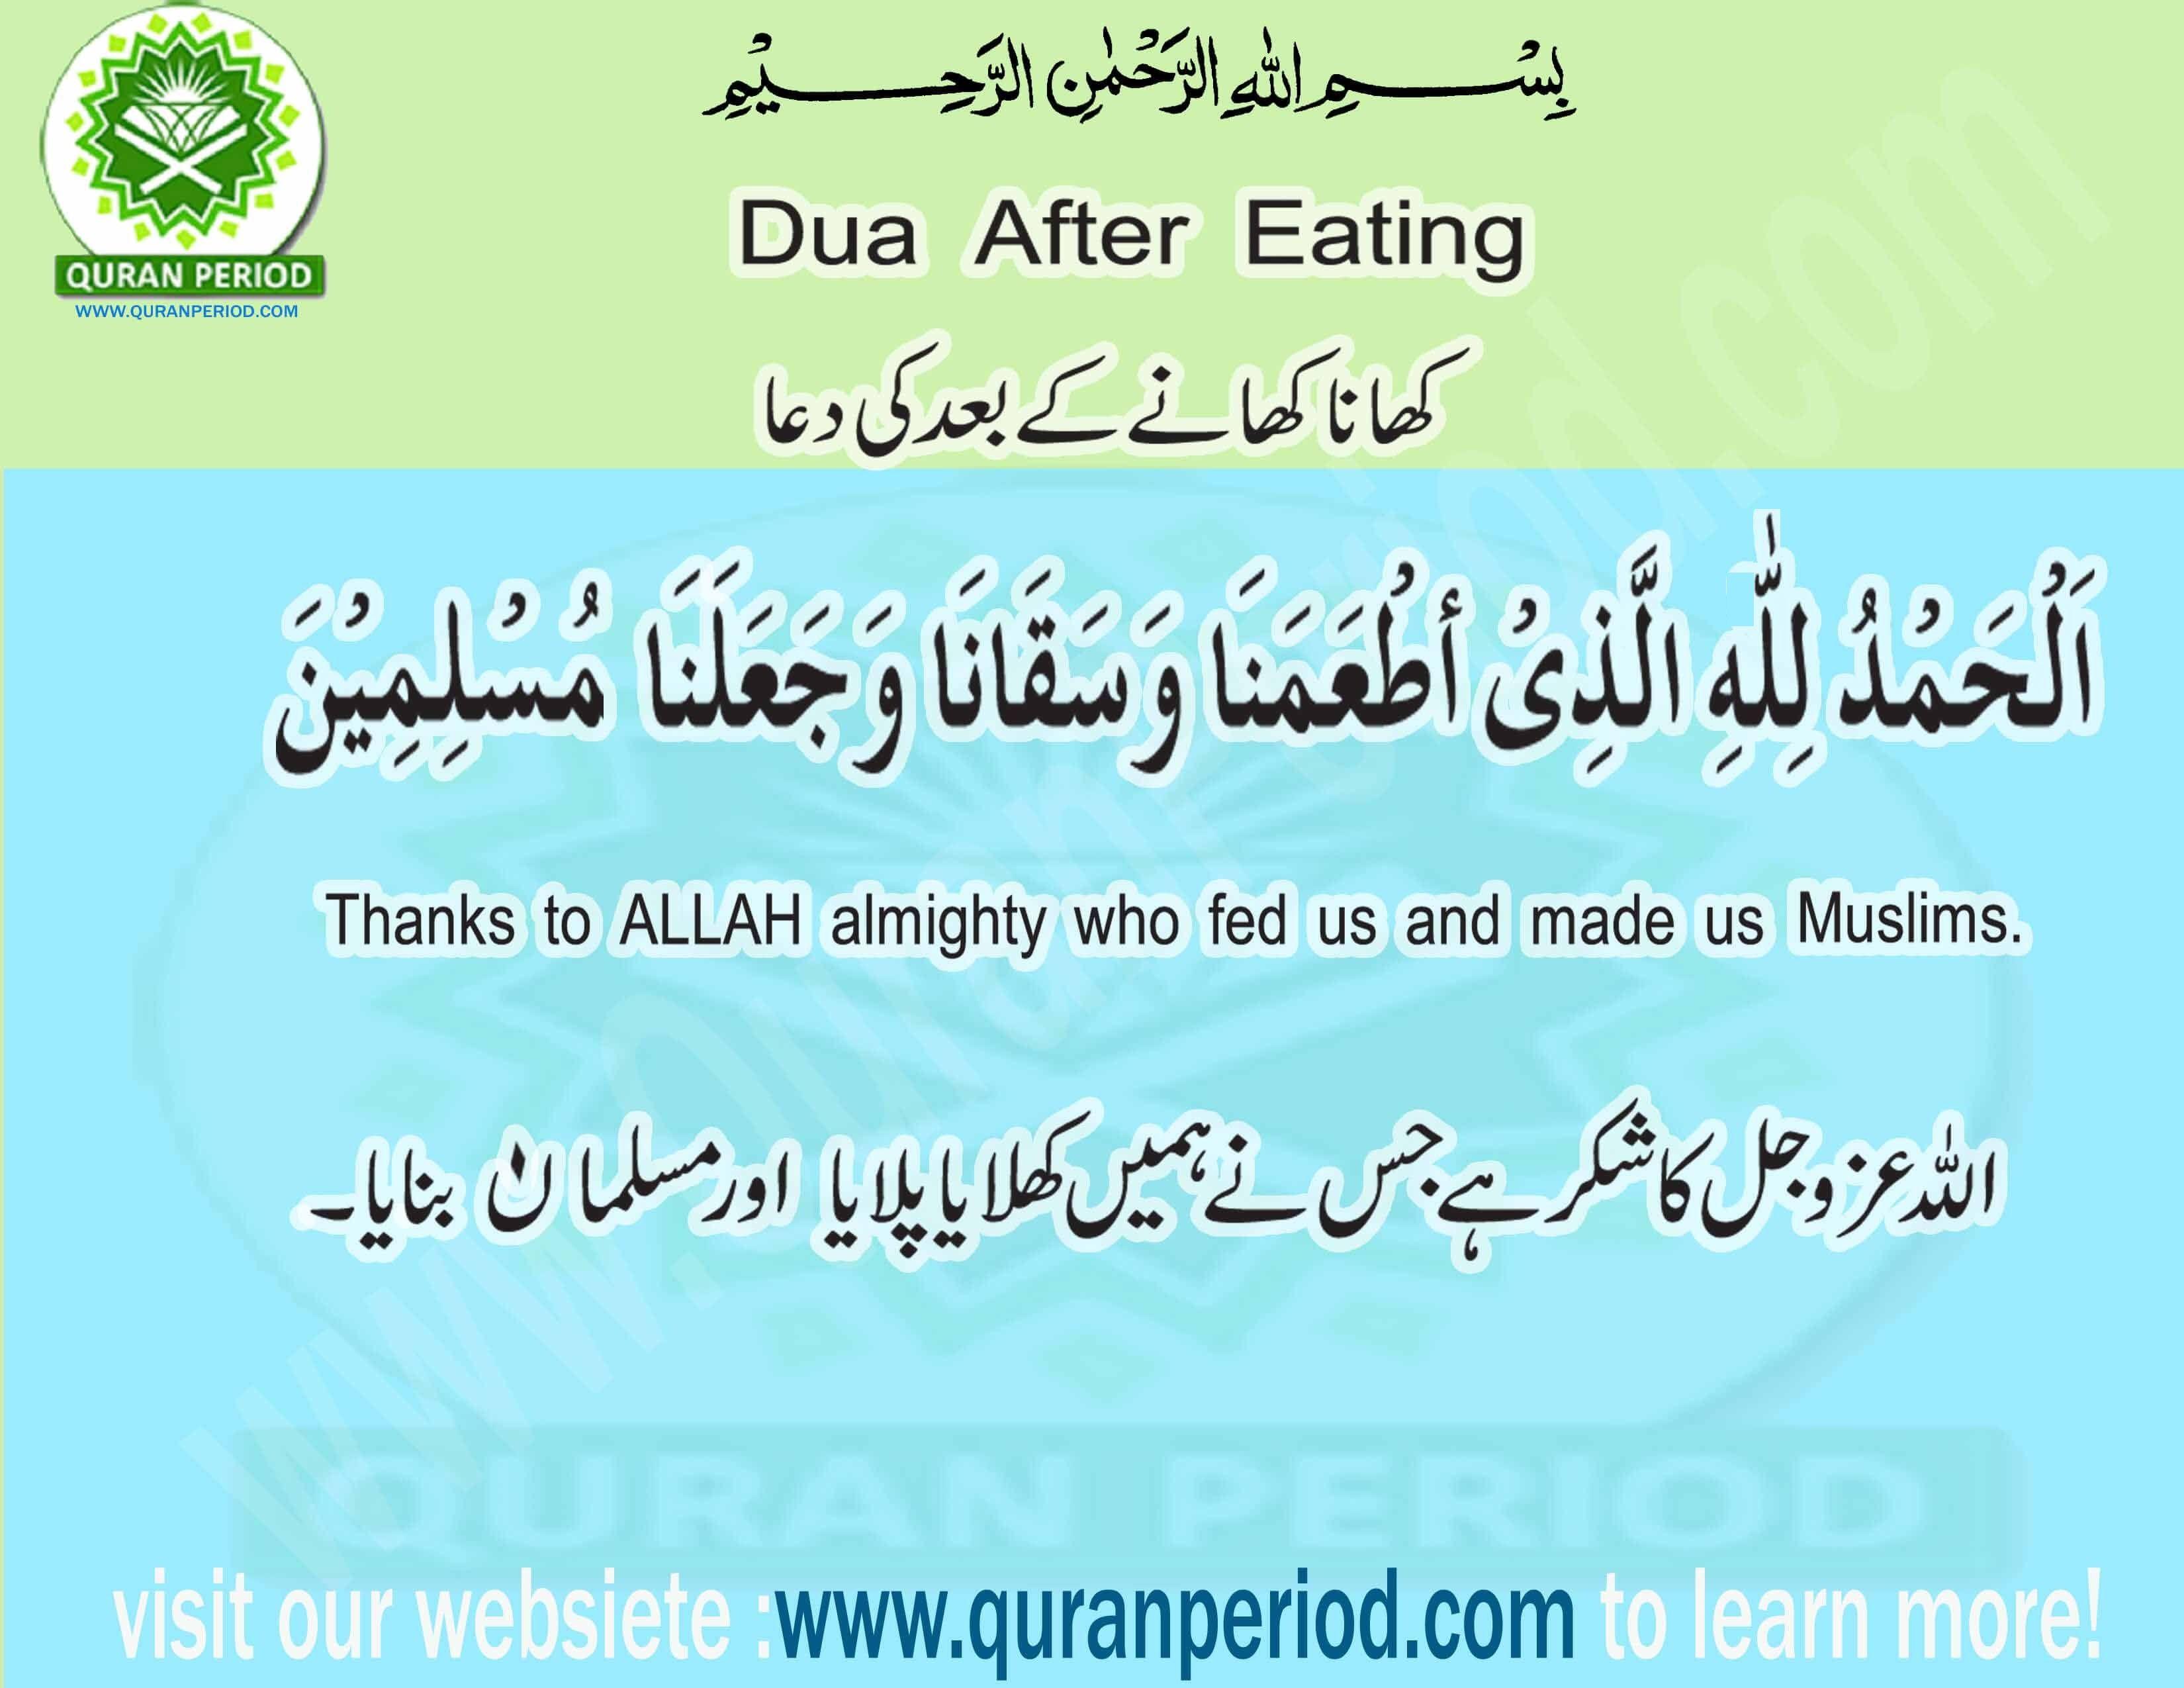 Dua After Eating الحمد اللہ الذی اطعمنا وسقانا وجعلنا مسلمین Dua After Eating Online Quran Islamic Teachings